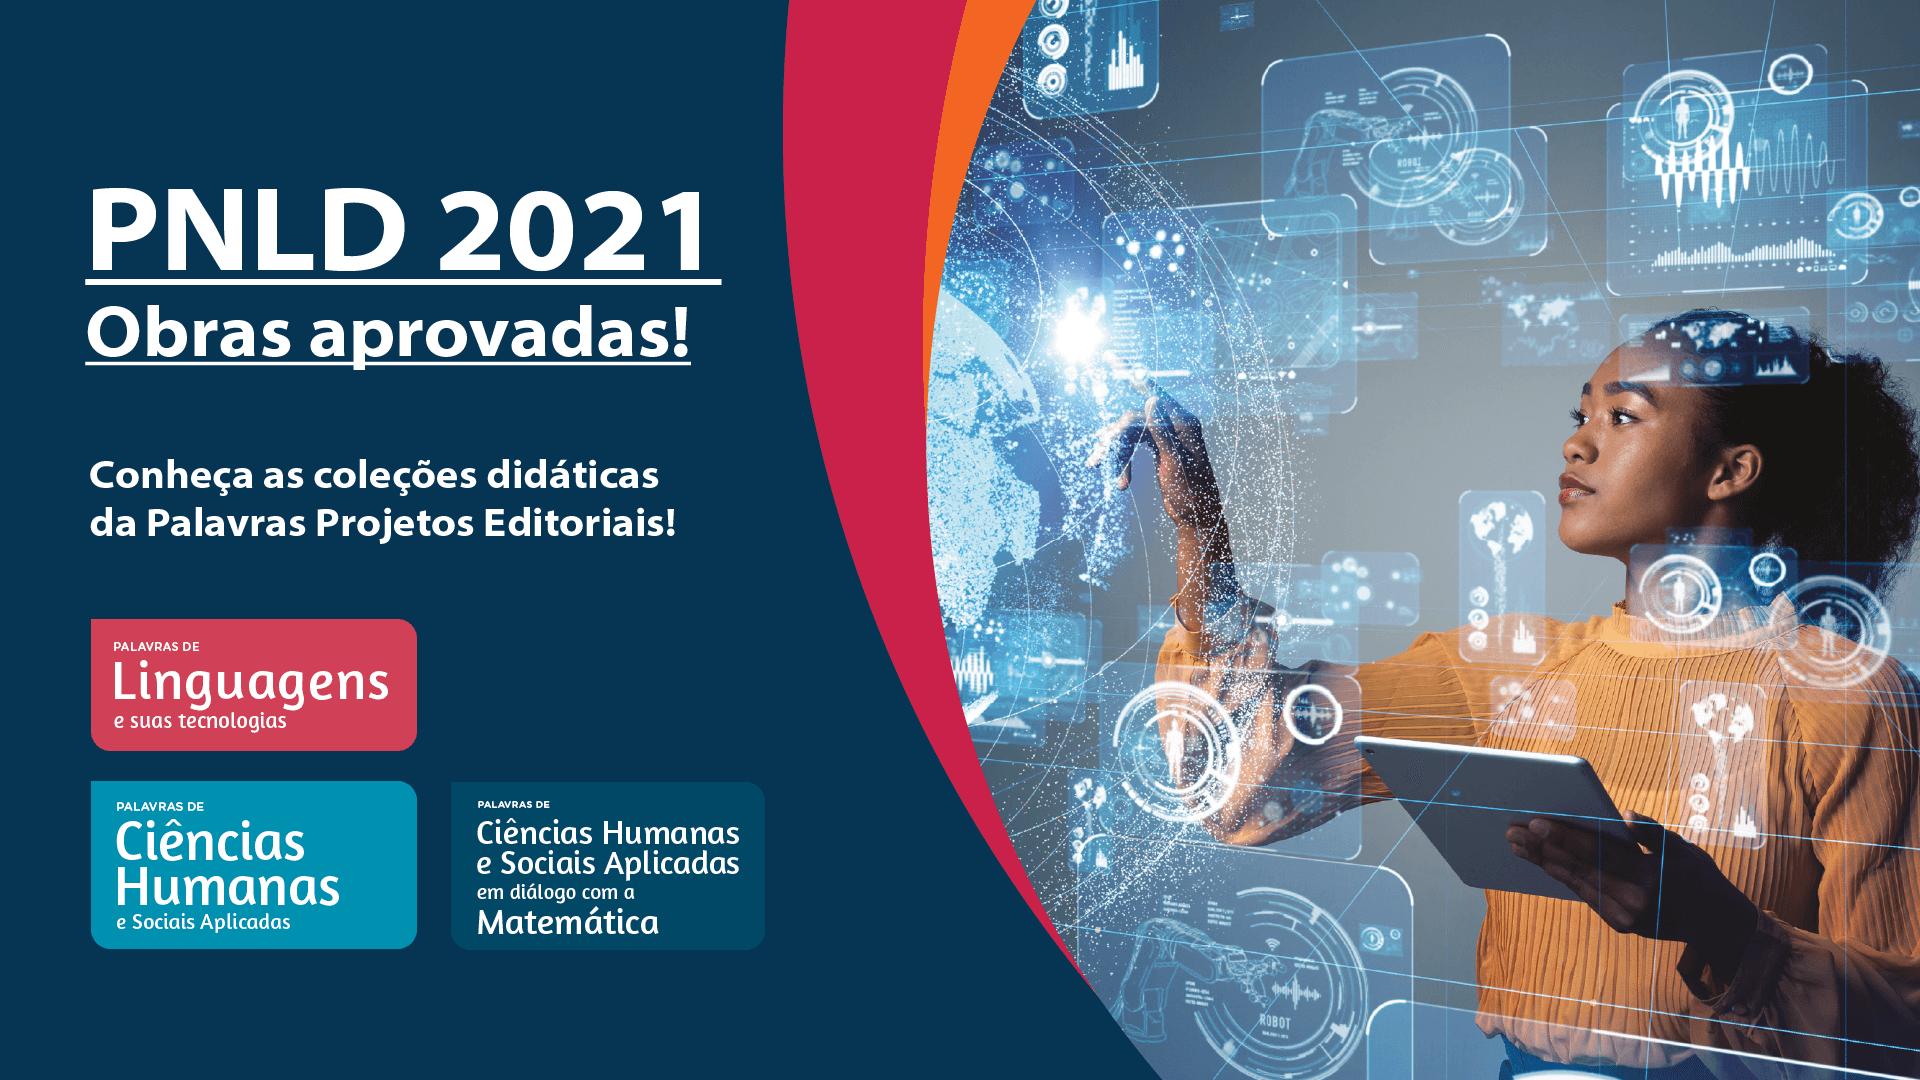 Palavras Projetos Editoriais   PNLD 2021   Conheça nossas obras aprovadas!